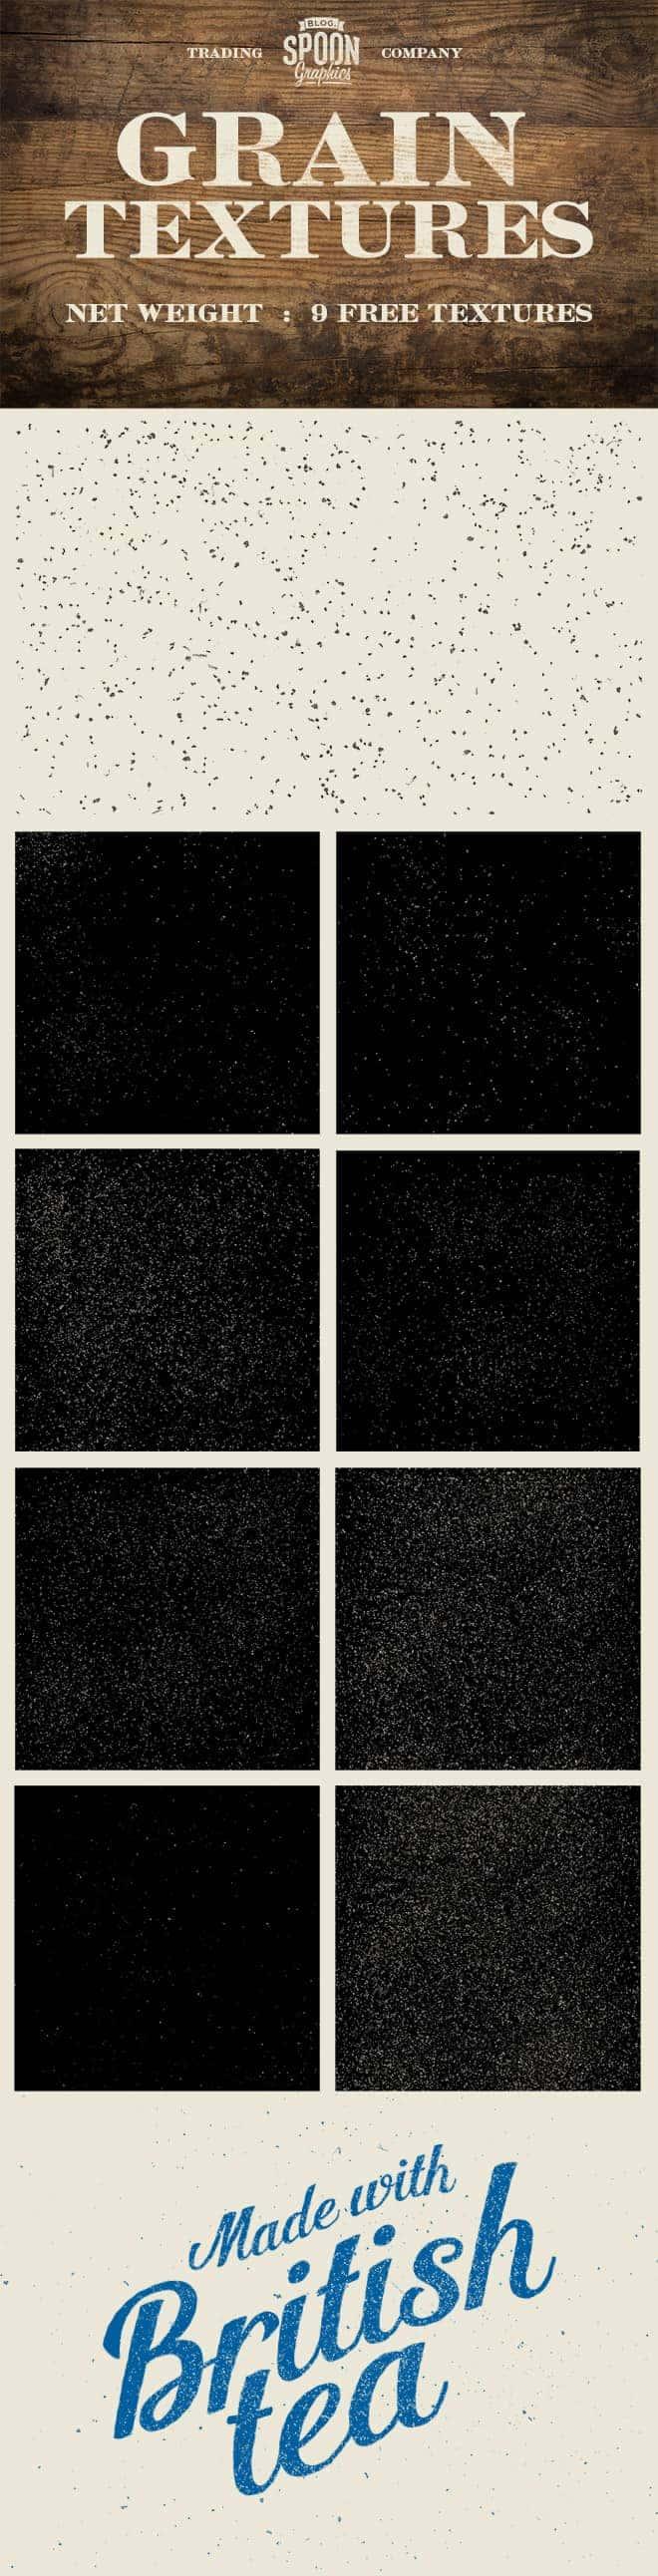 grain-textures